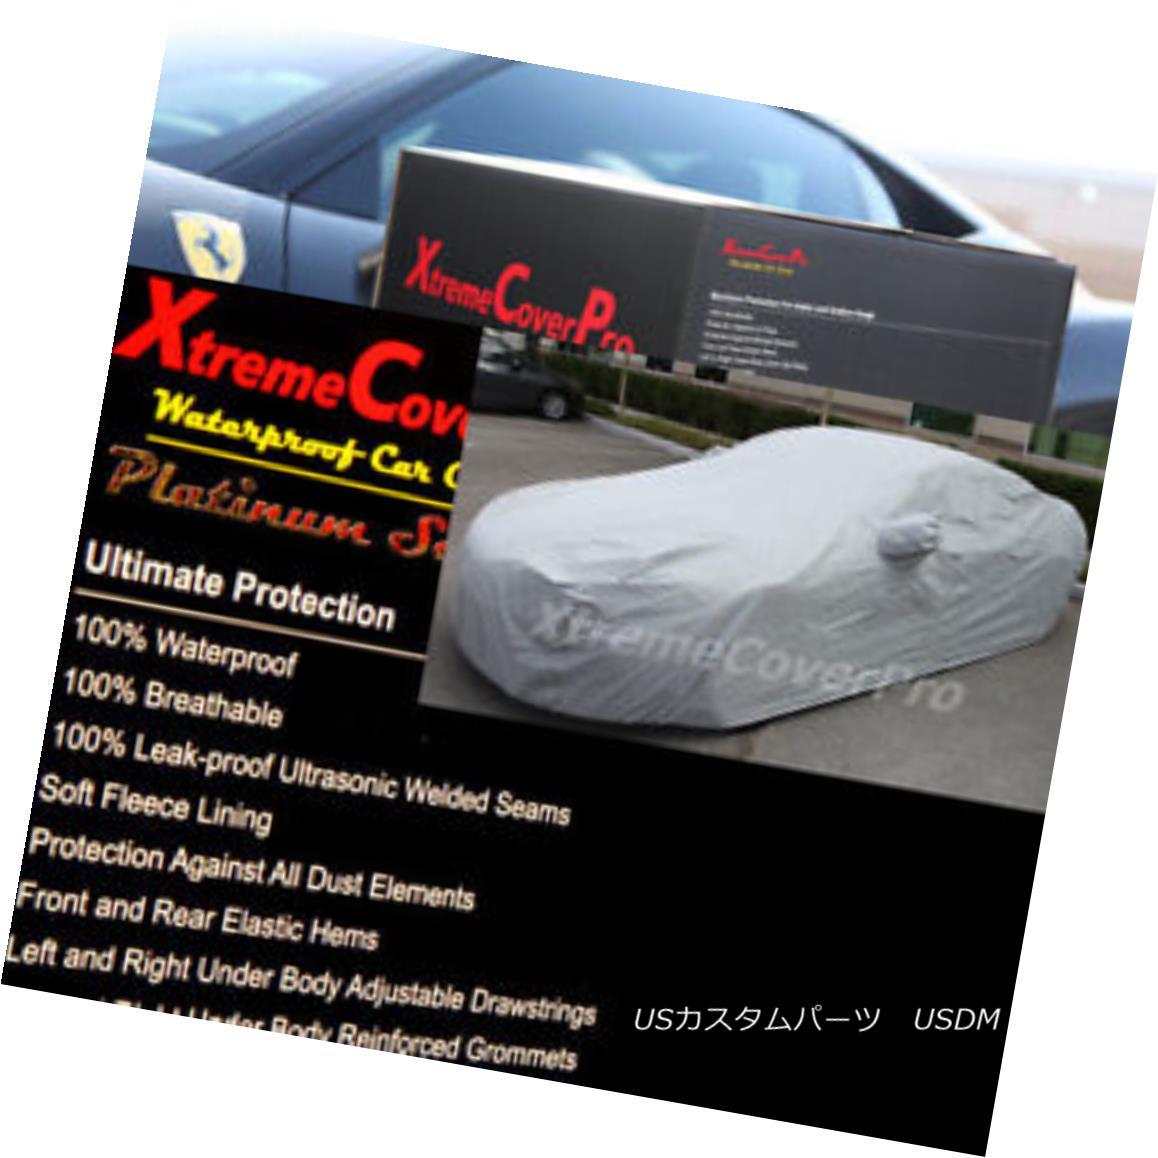 カーカバー 2015 PORSCHE 911 C2 C2S C4 C4S GTS Waterproof Car Cover w/Mirror Pockets - Gray 2015ポルシェ911 C2 C2S C4 C4S GTS防水カーカバー付き/ミラーポケット - グレー